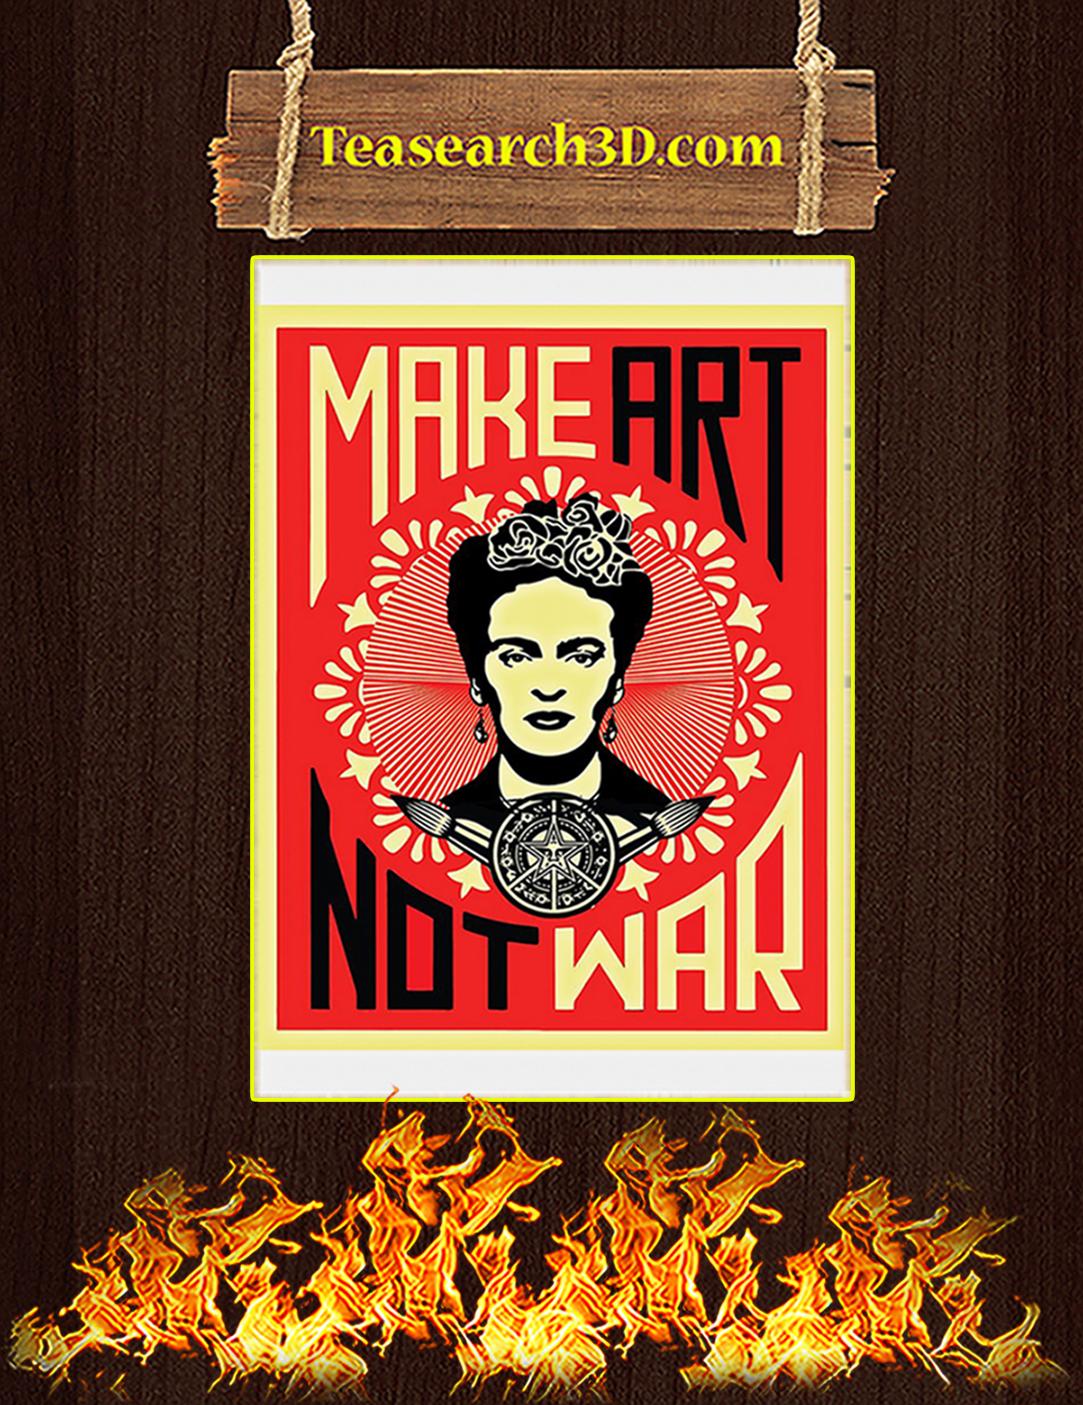 Frida kahlo make art not war poster A2